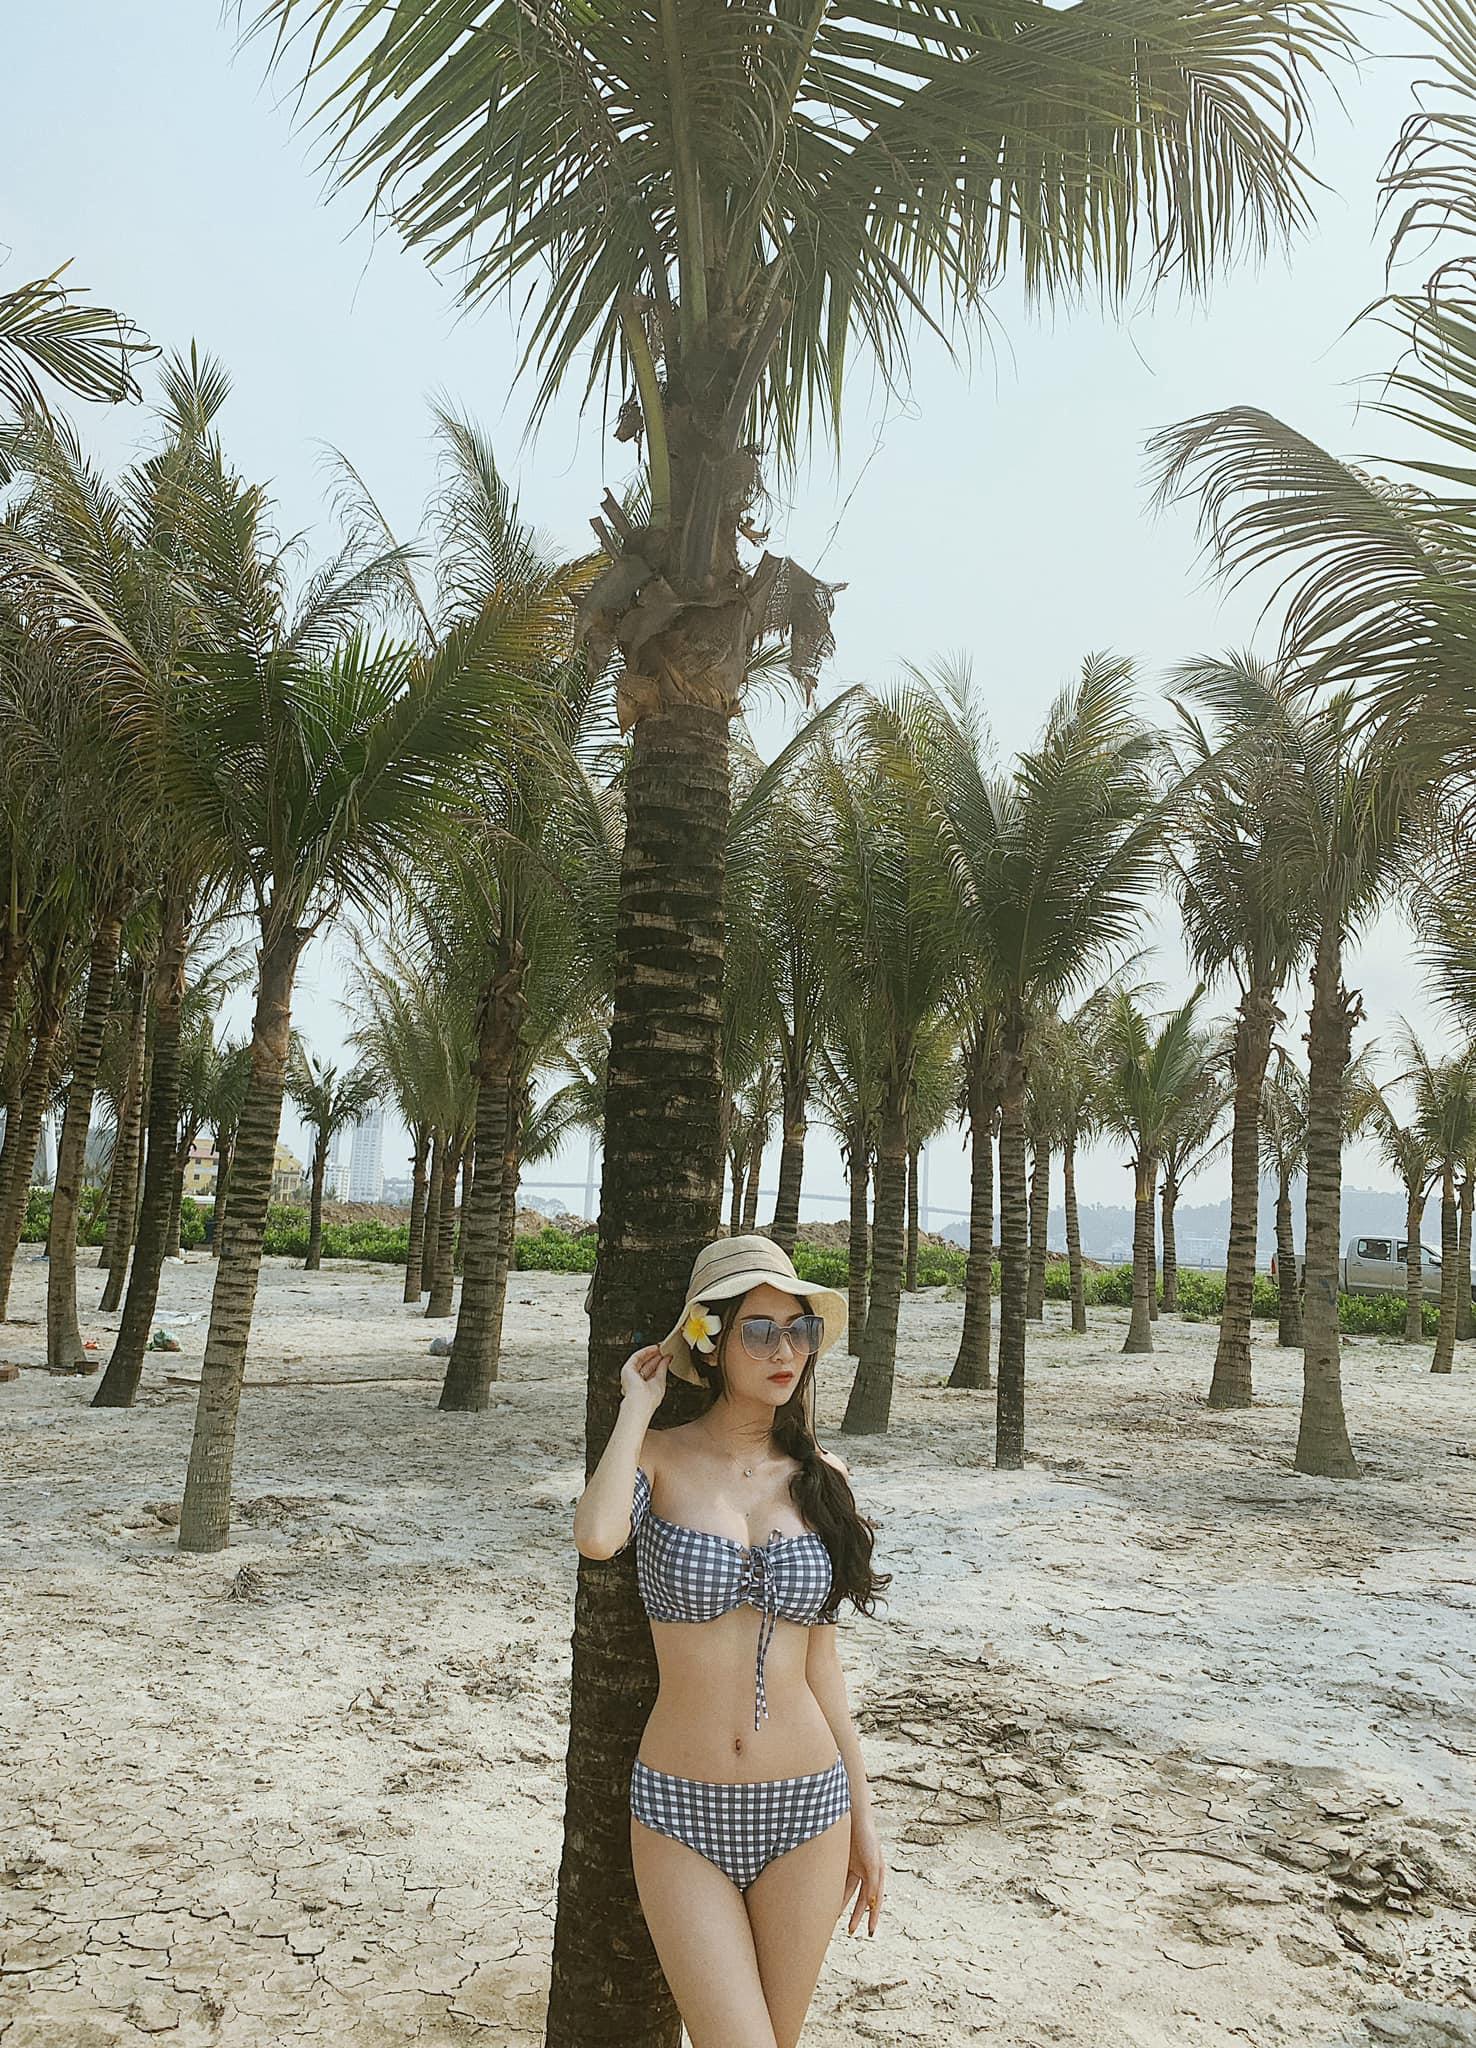 Nhan sắc quyến rũ của nữ diễn viên từng thi Hoa hậu Việt Nam Thư Vũ 9